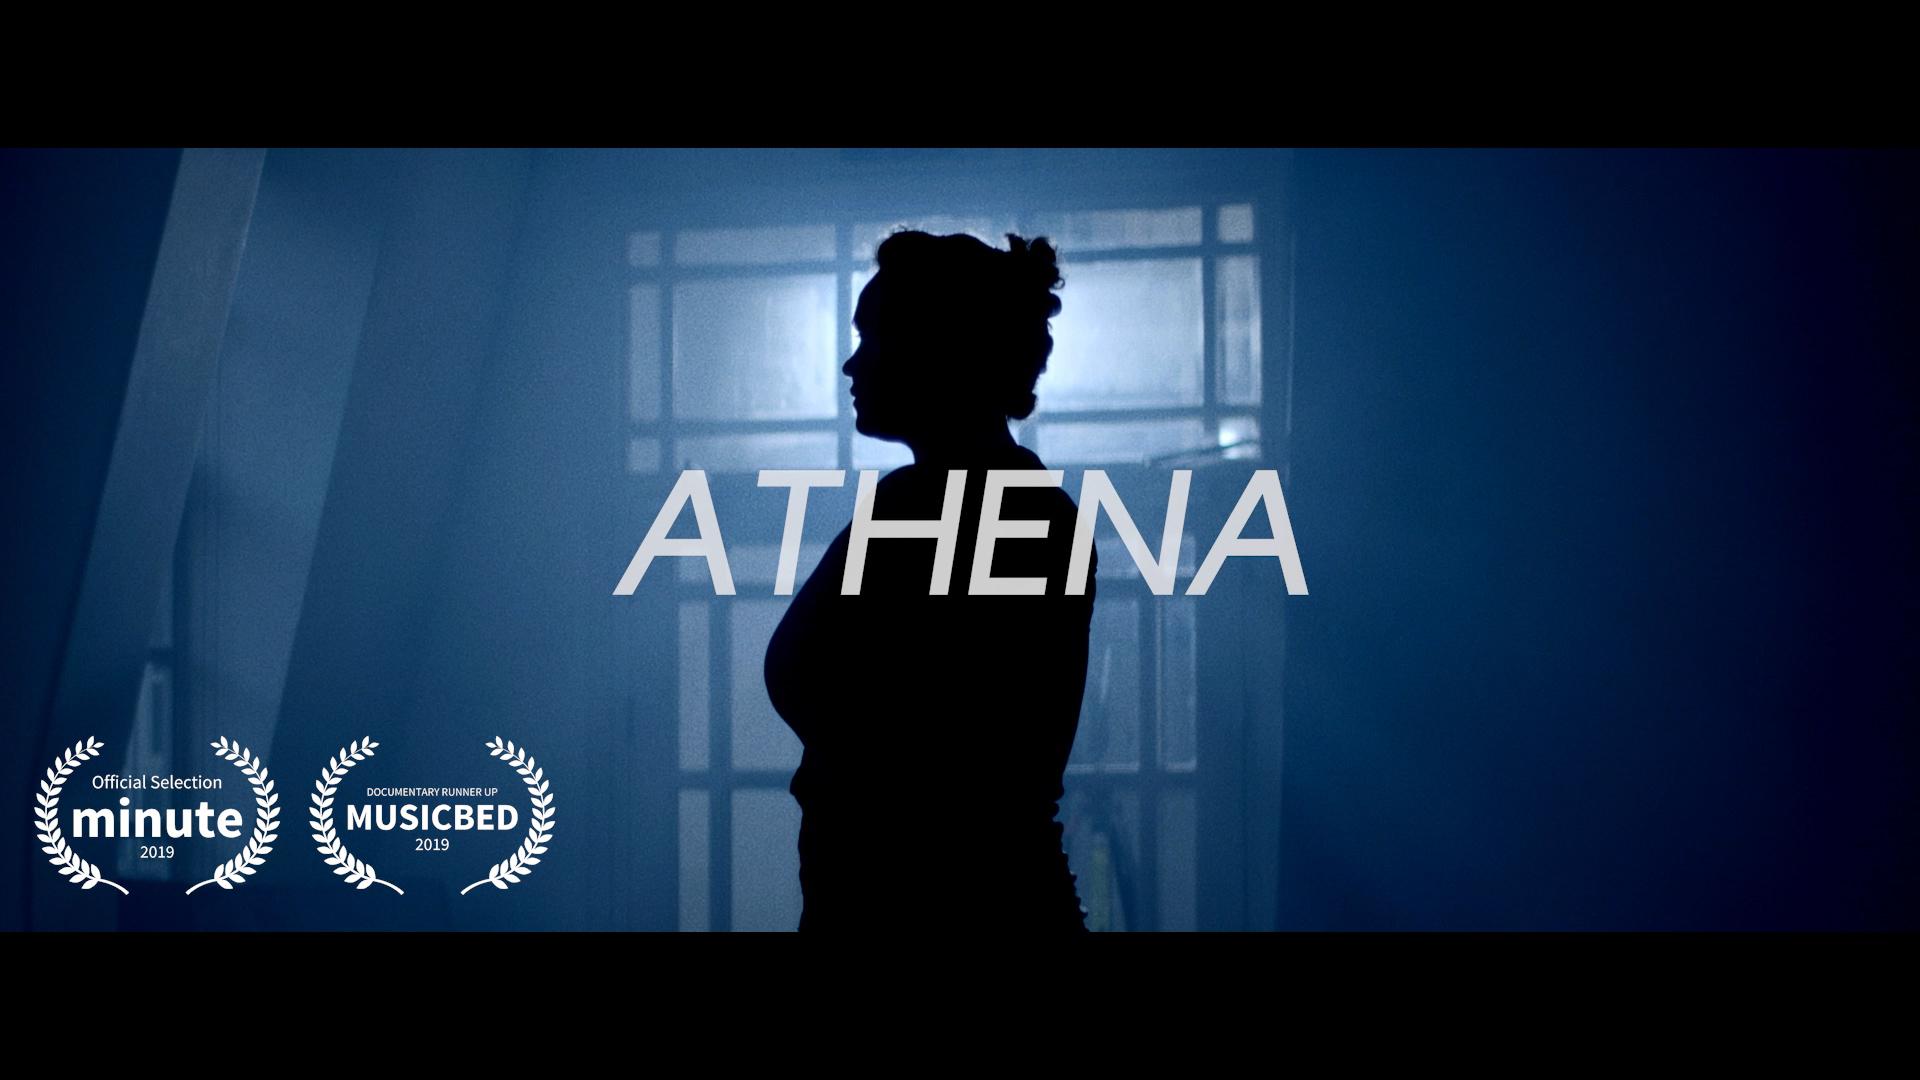 Athena - Lush.